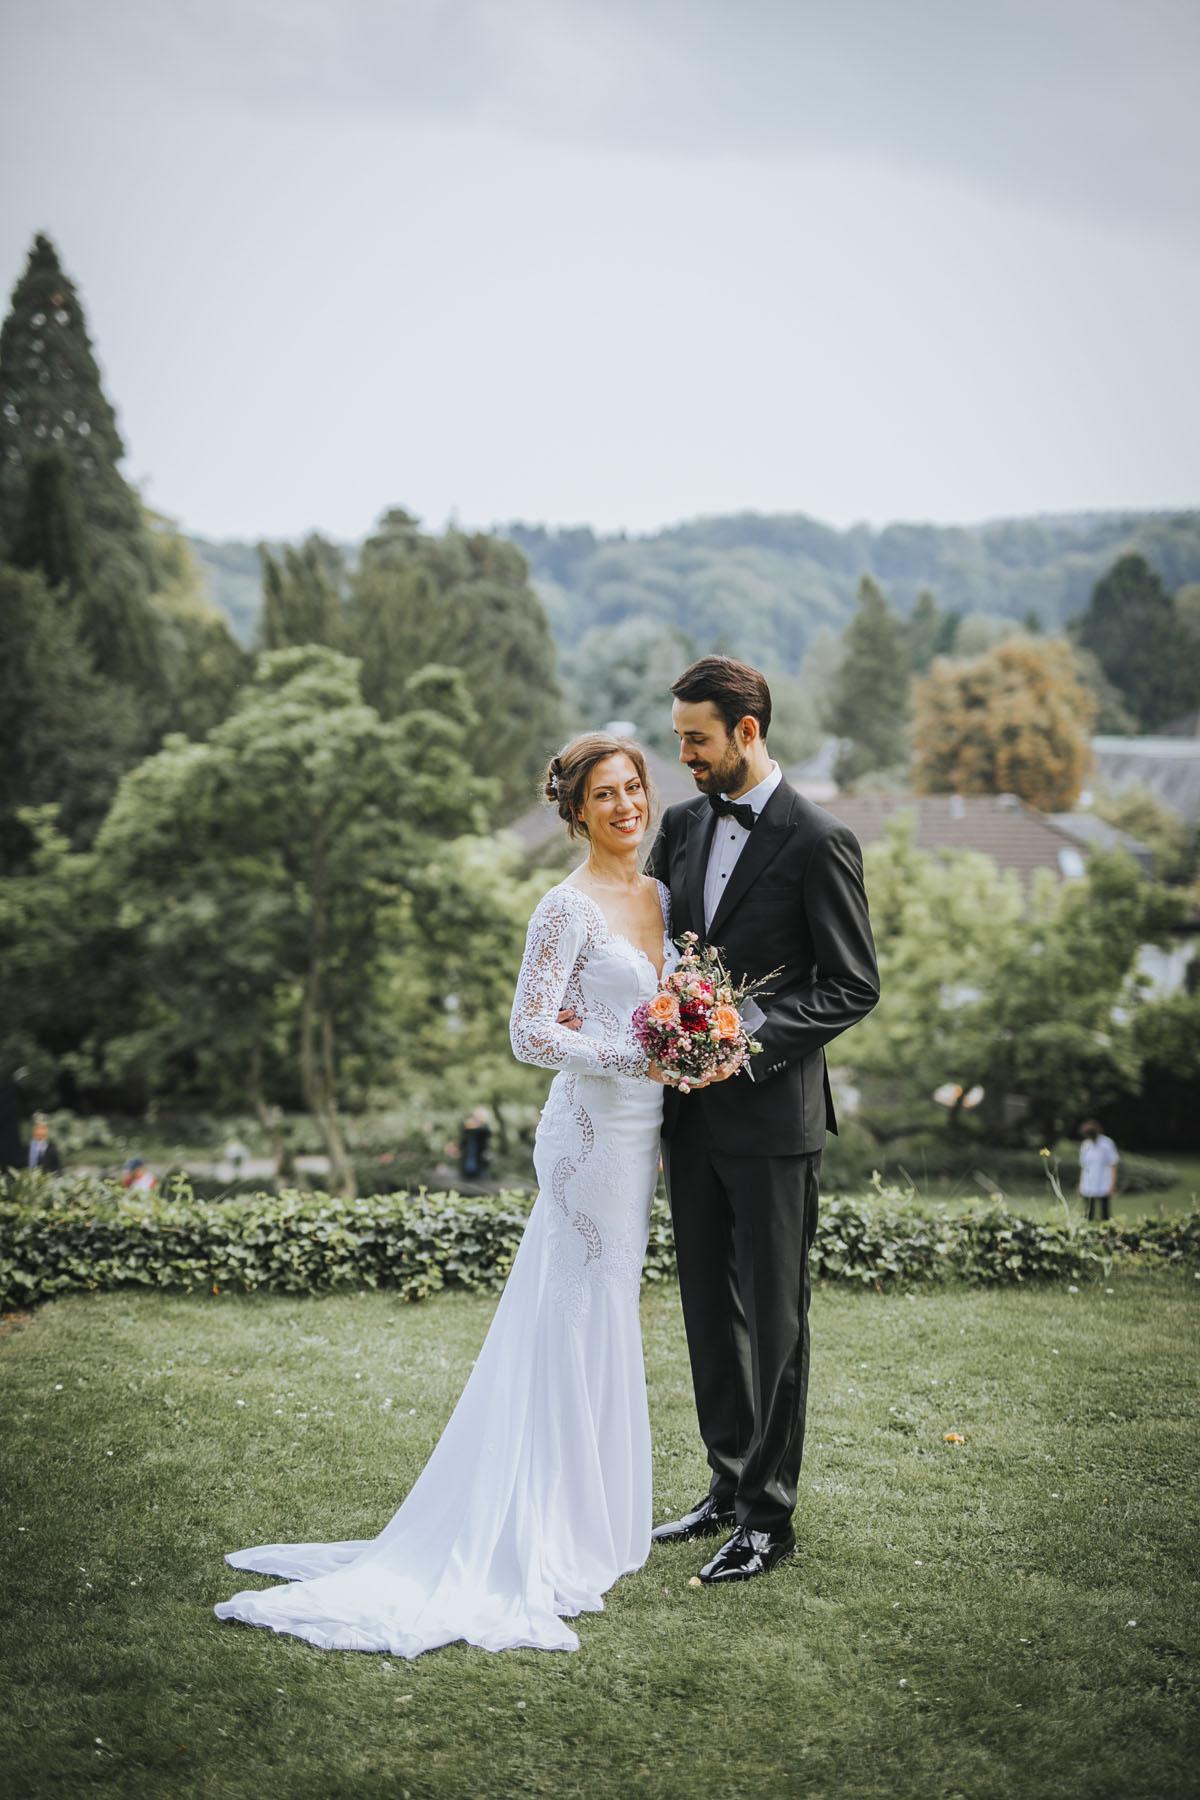 Alica+ Carsten | Freie Trauung im eigenen Garten - Fotografin Guelten Hamidanoglu Koeln Hochzeiten Hochzeitsfotos  205 1